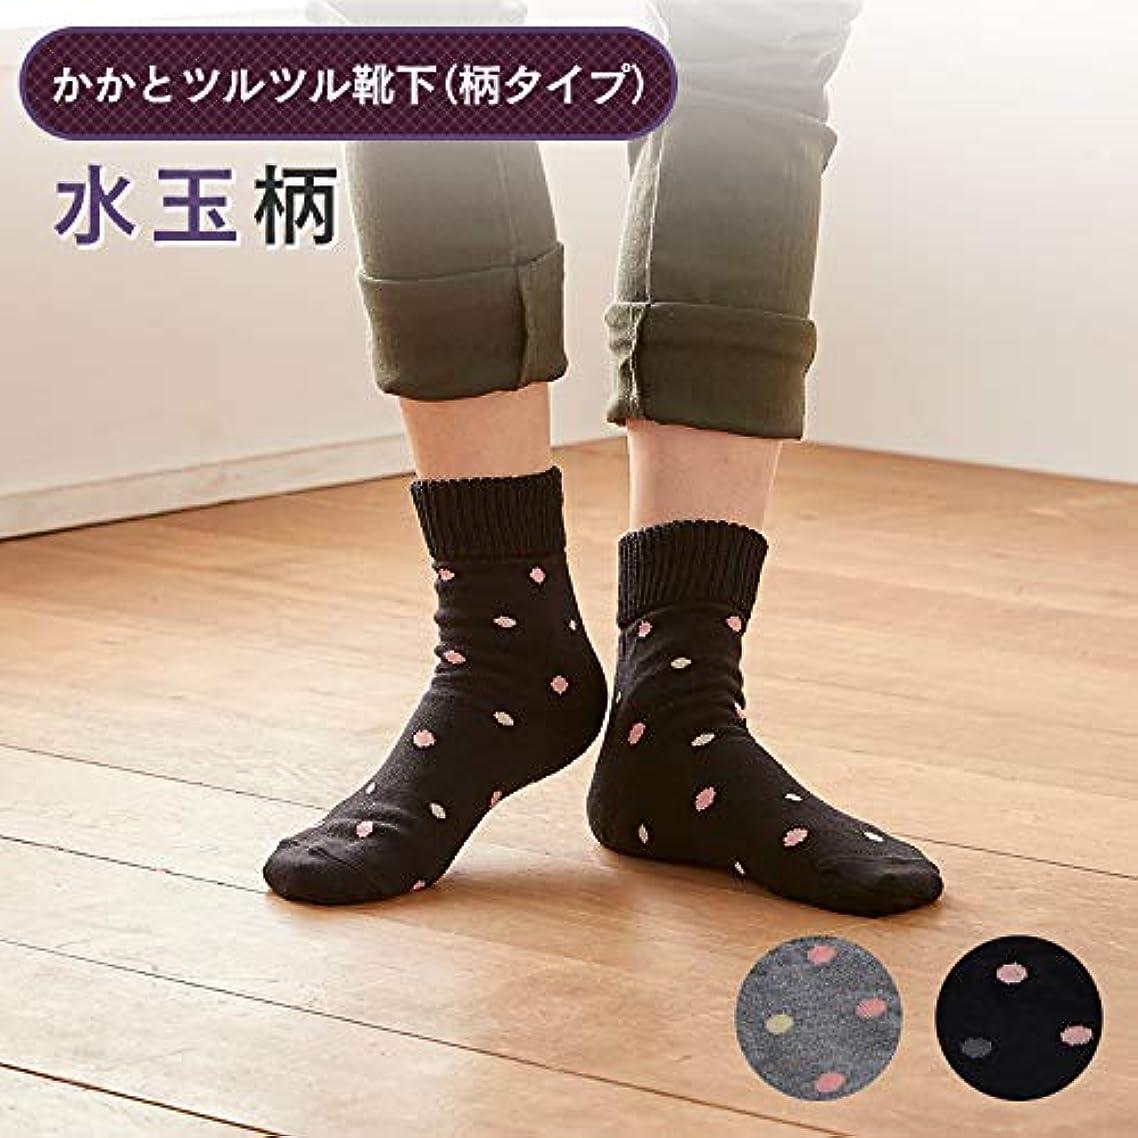 私の汚す病的かかと 角質ケア ひび割れ対策 かかとツルツル靴下 水玉 ブラック 23-25cm 太陽ニット 727